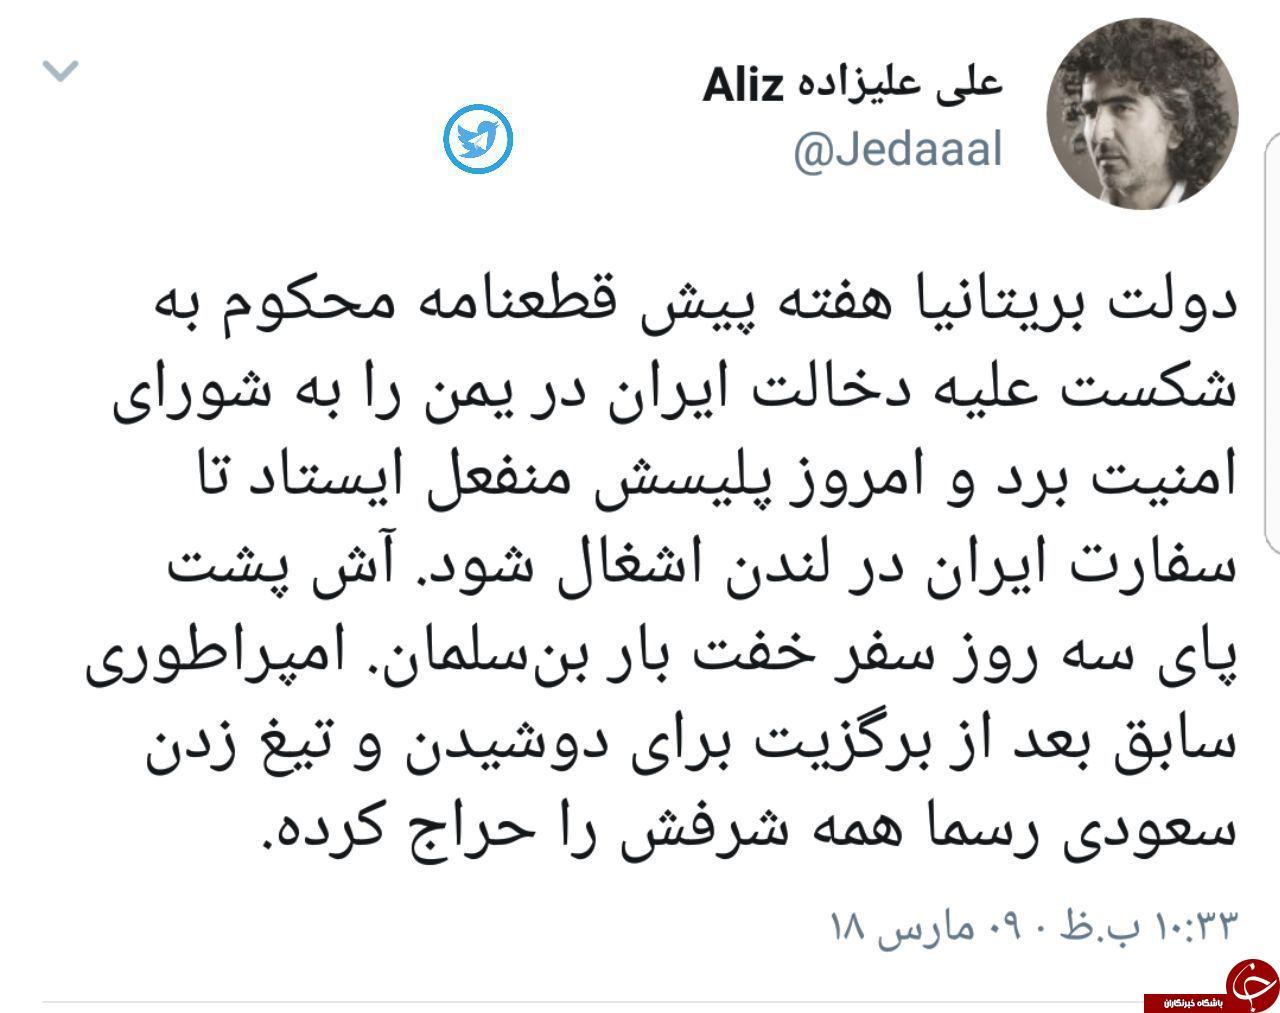 تحلیل علی علیزاده از حمله طرفداران فرقه شیرازی به سفارت ایران در لندن + عکس